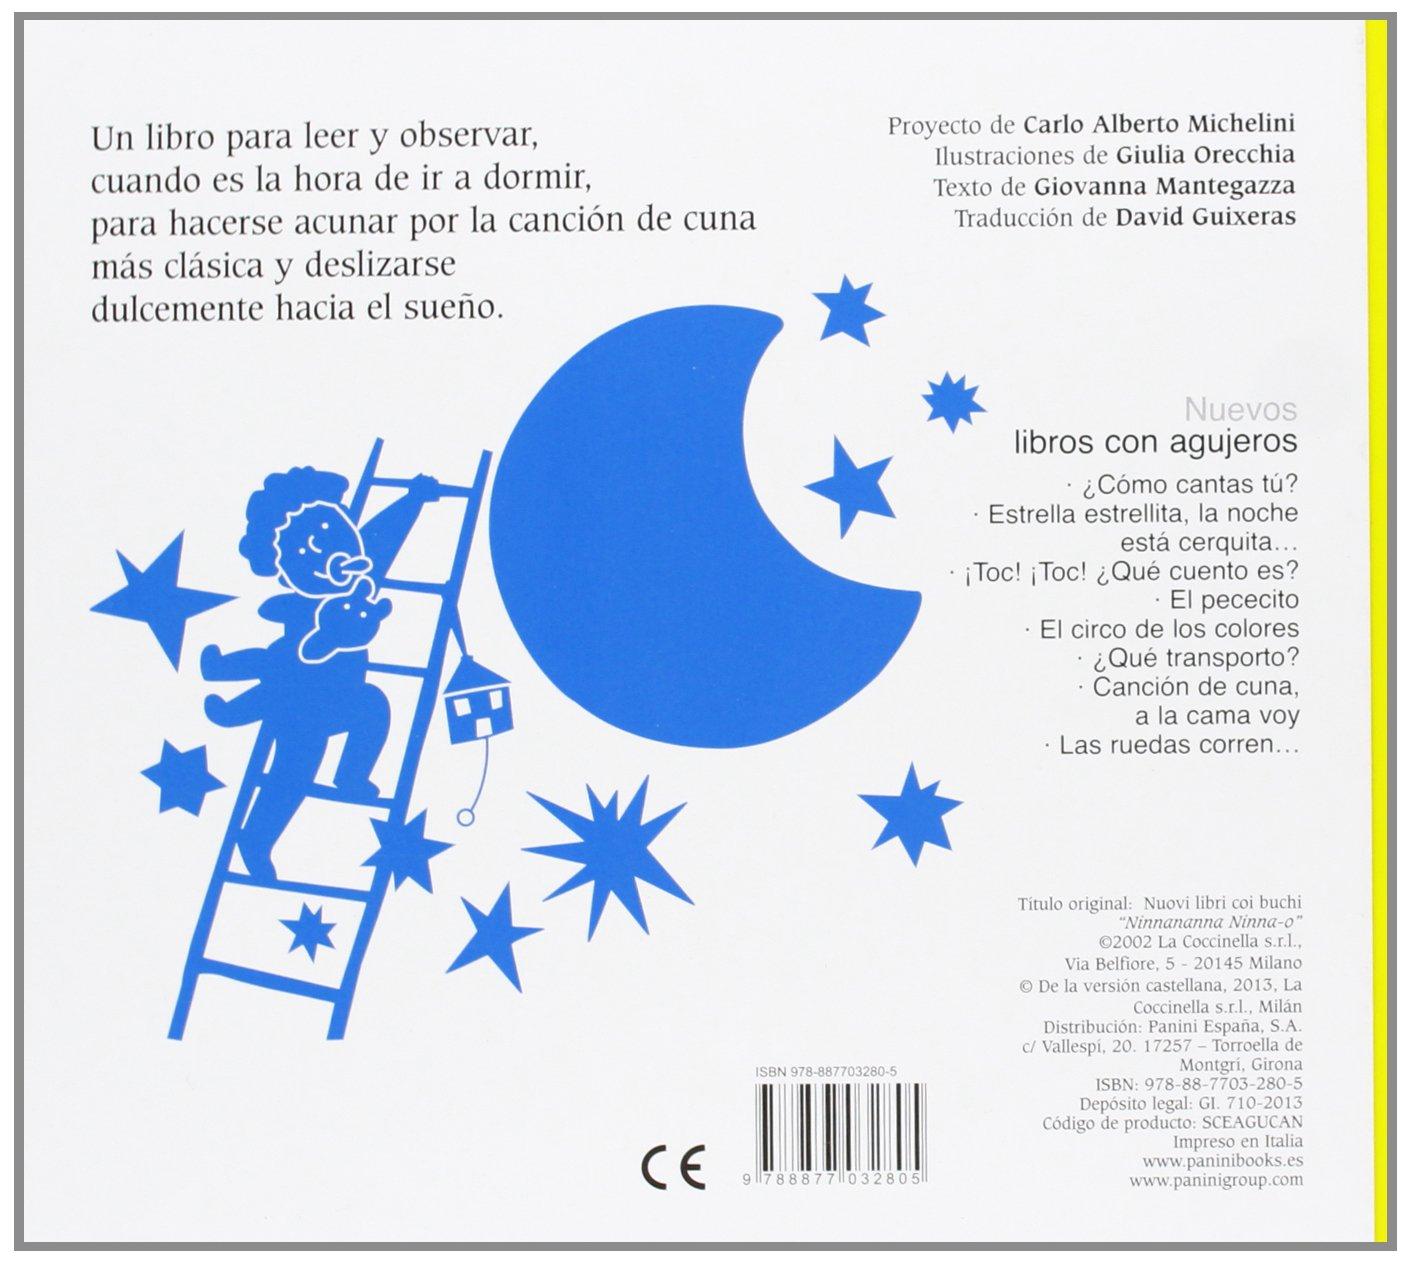 CANCION DE CUNA COCCINELL PANINI: Giovanna Mantegazza: 9788877032805: Amazon.com: Books